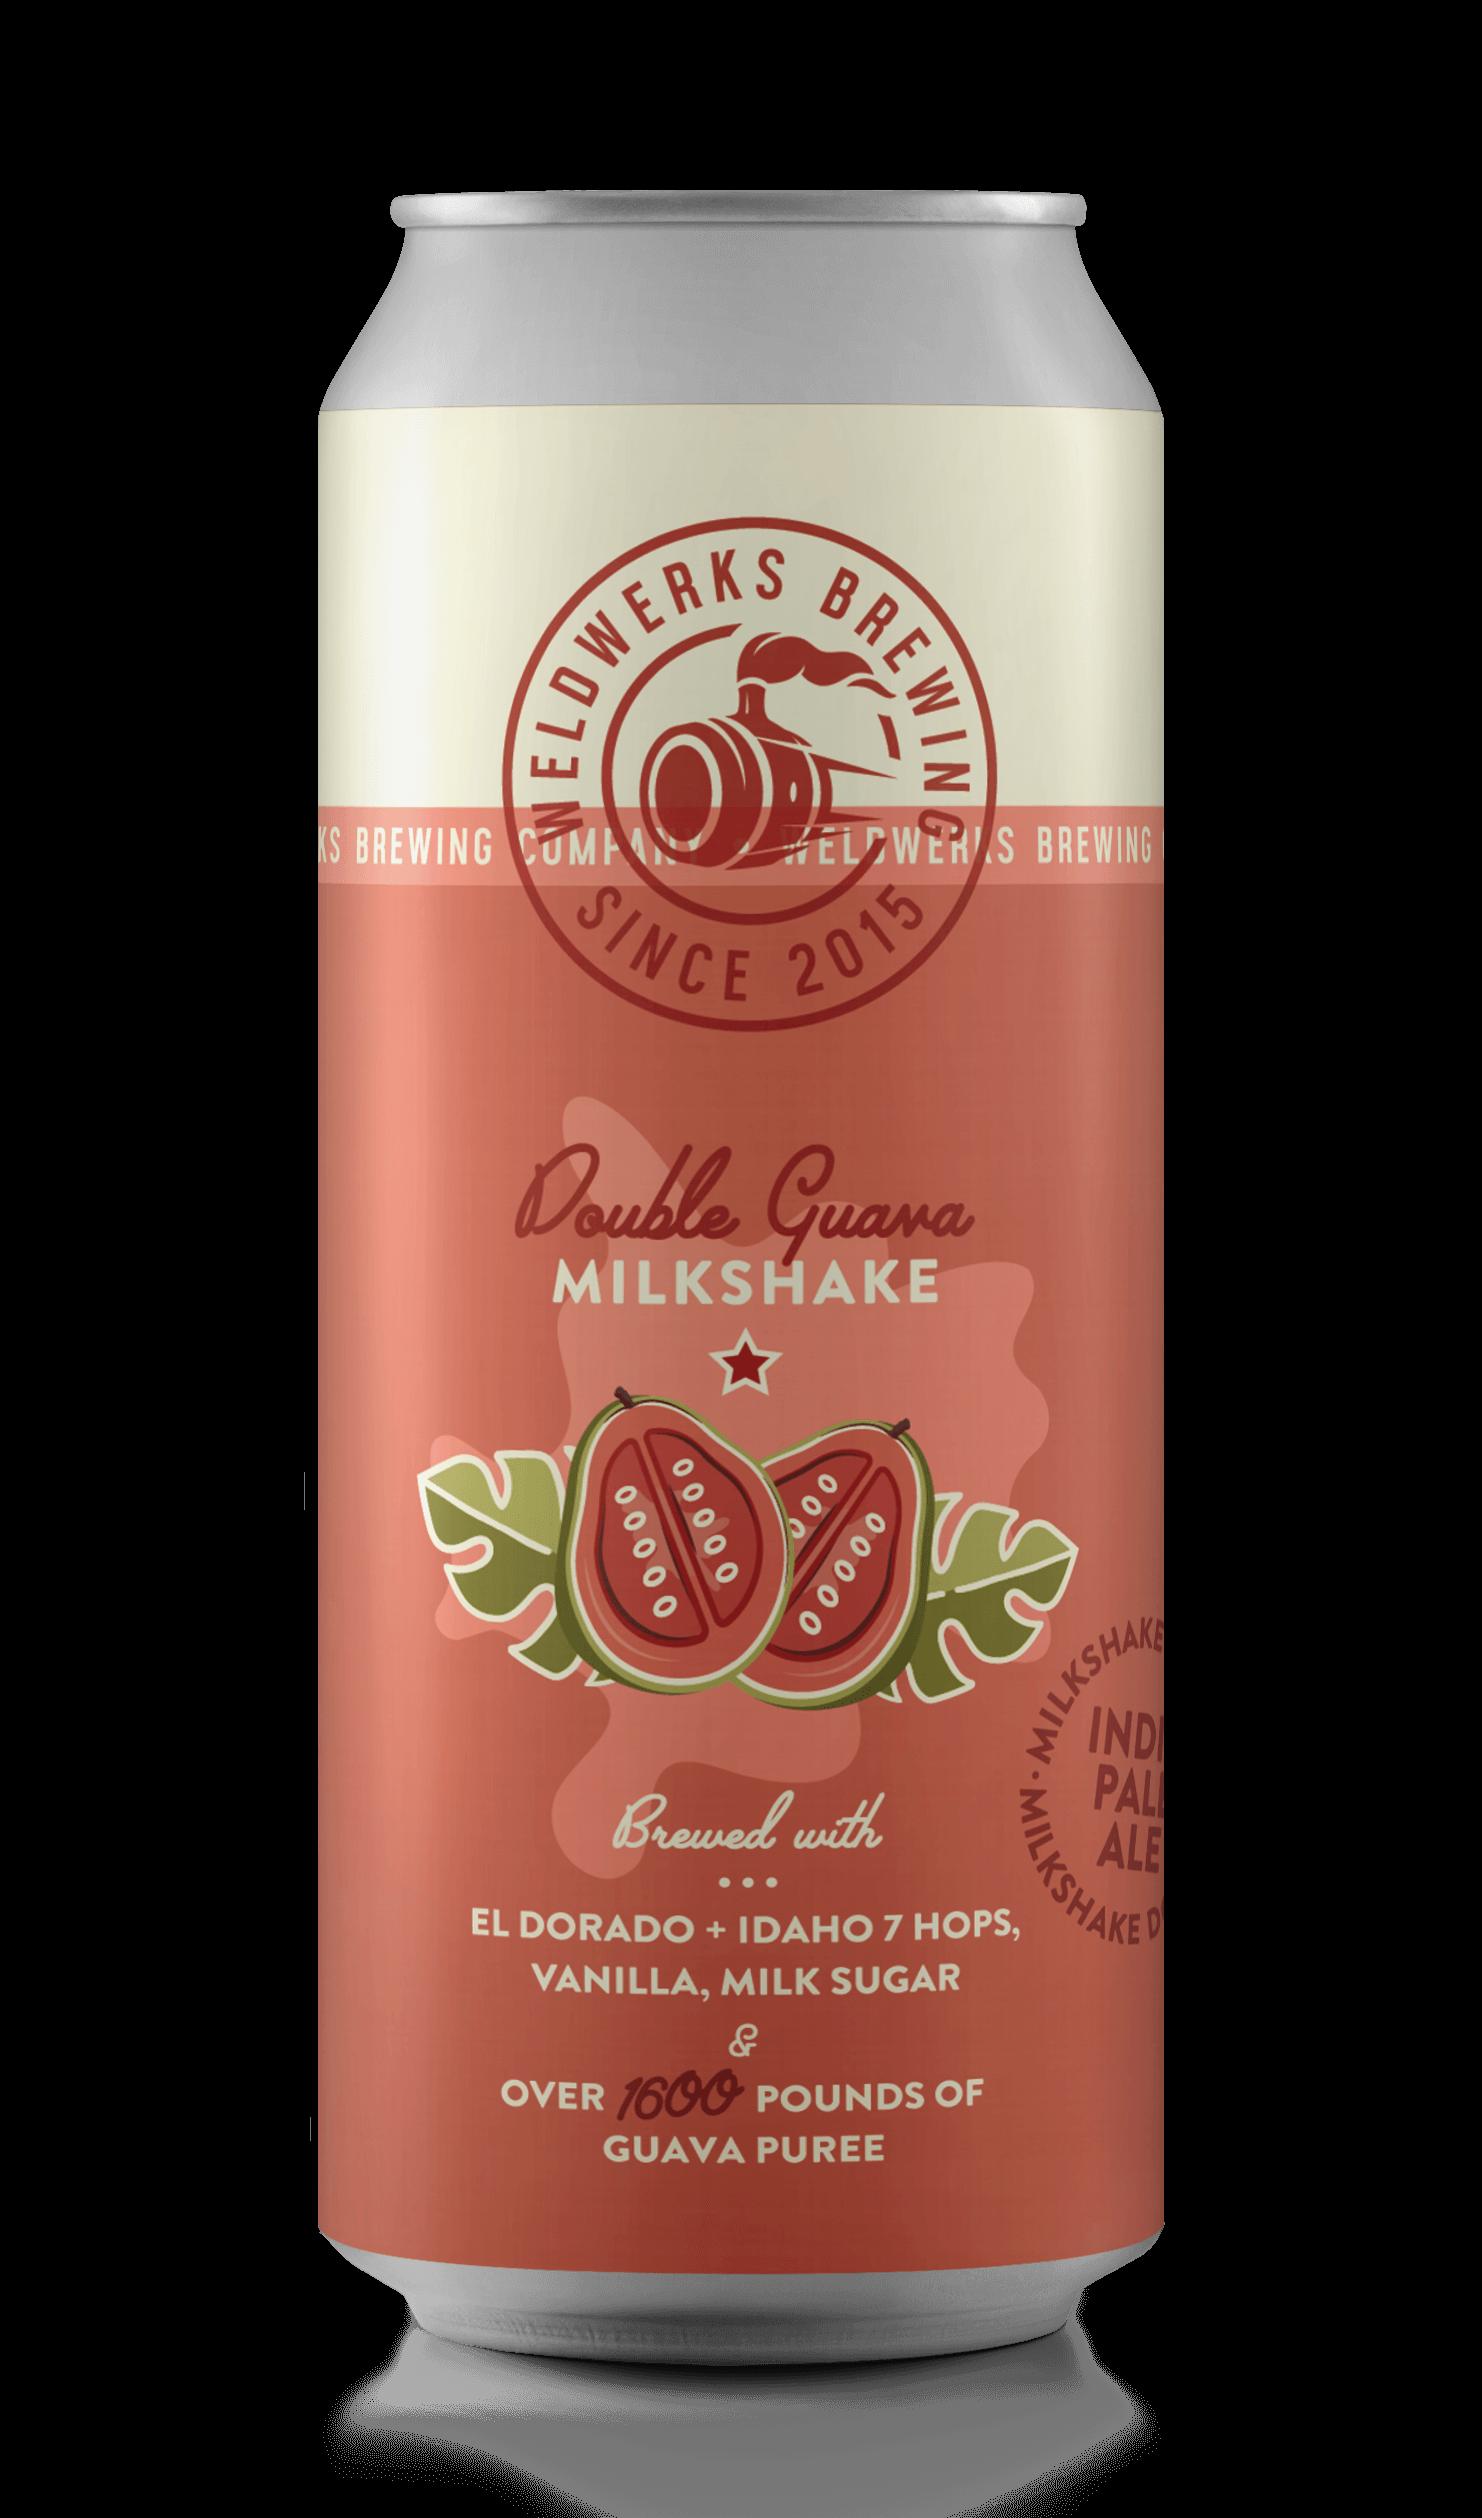 Double Gauva Milkshake